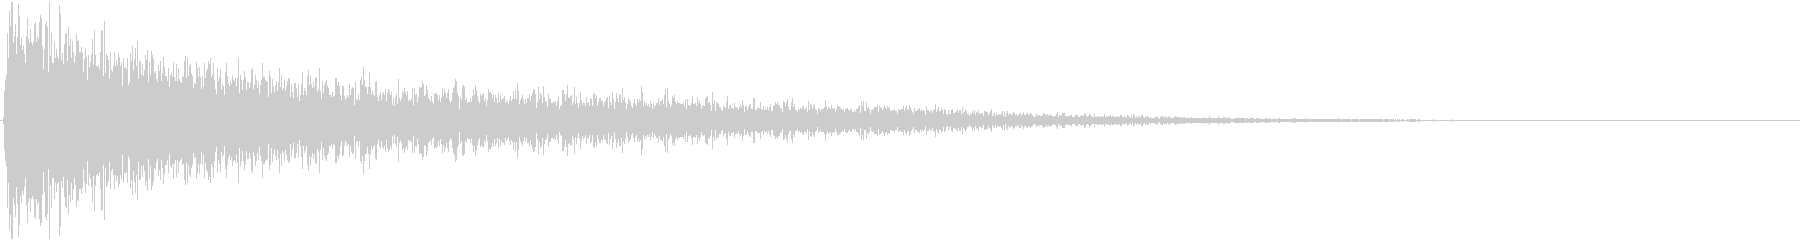 ガーン2(ピアノを打ち付ける音)の未再生の波形